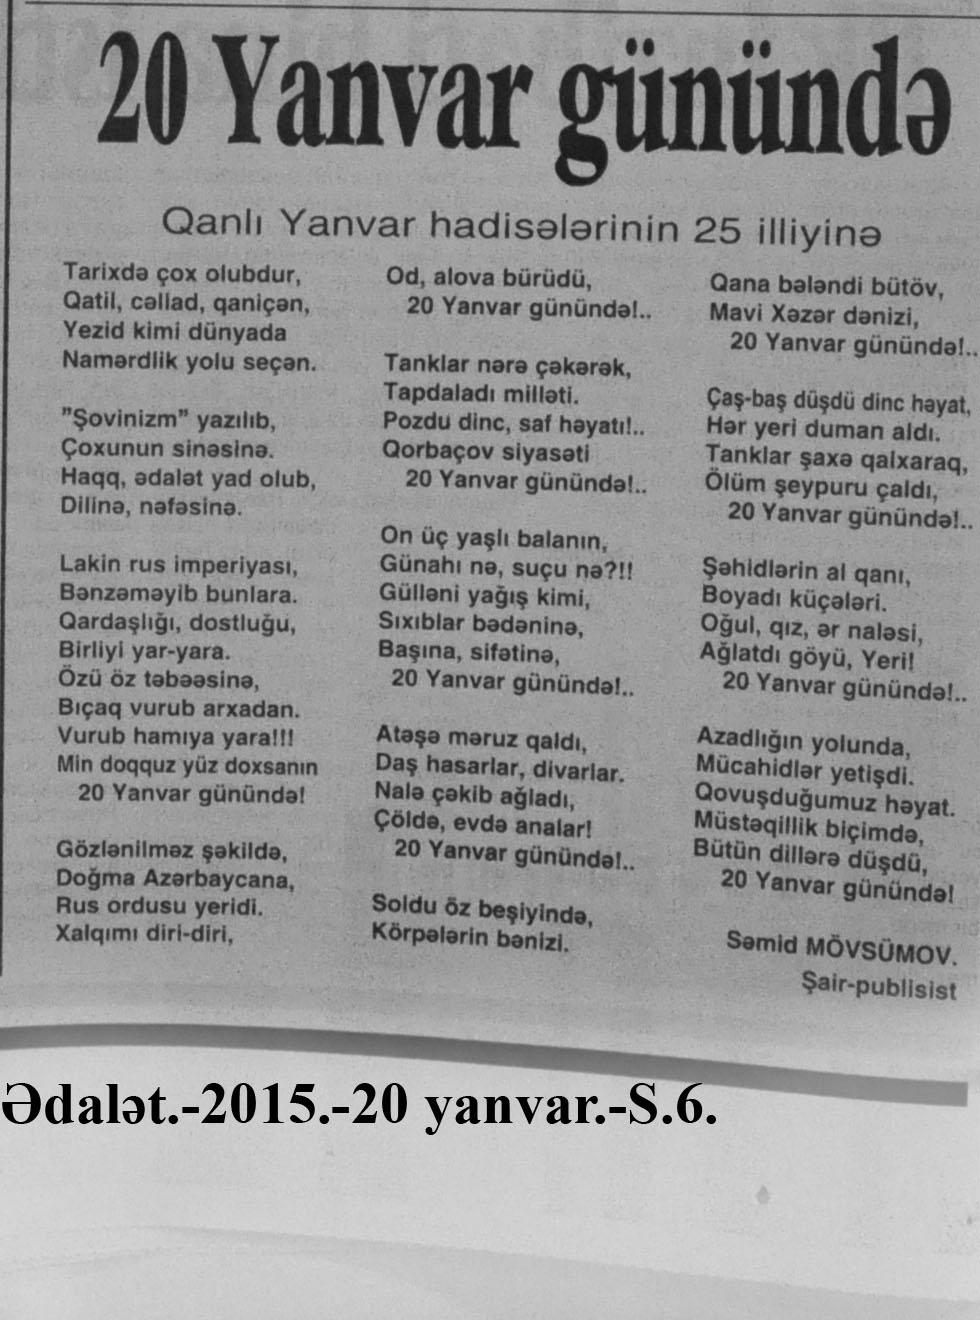 Mədəniyyət Incəsənət Və Turizm Haqqinda Yeni ədəbiyyat